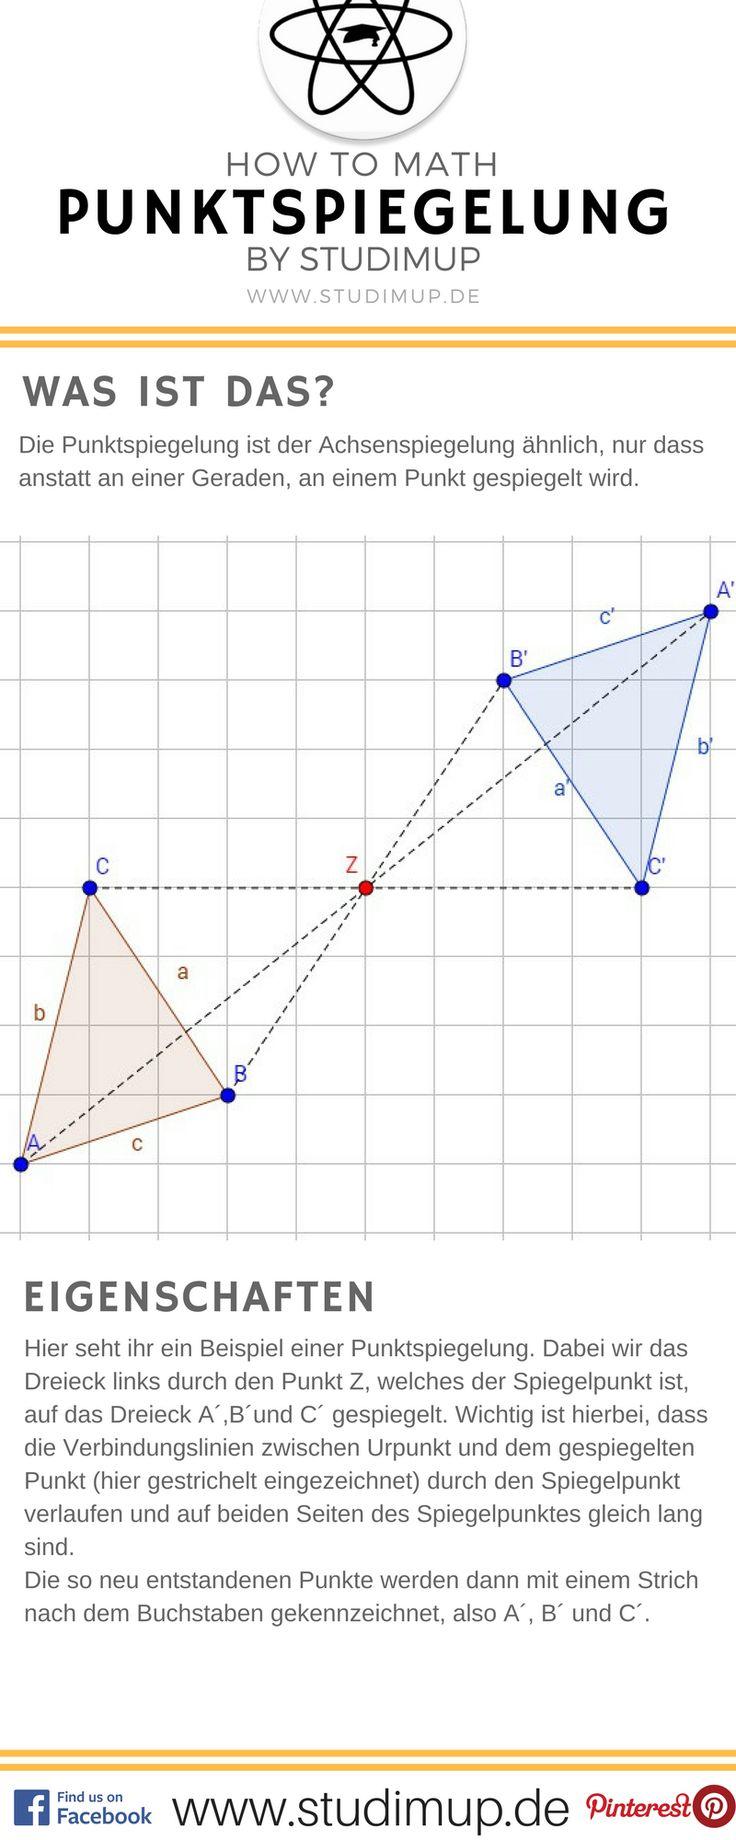 Punktspiegelung einfach erklärt im Mathe Spickzettel von Studimup. Einfach lernen auf Studimup.